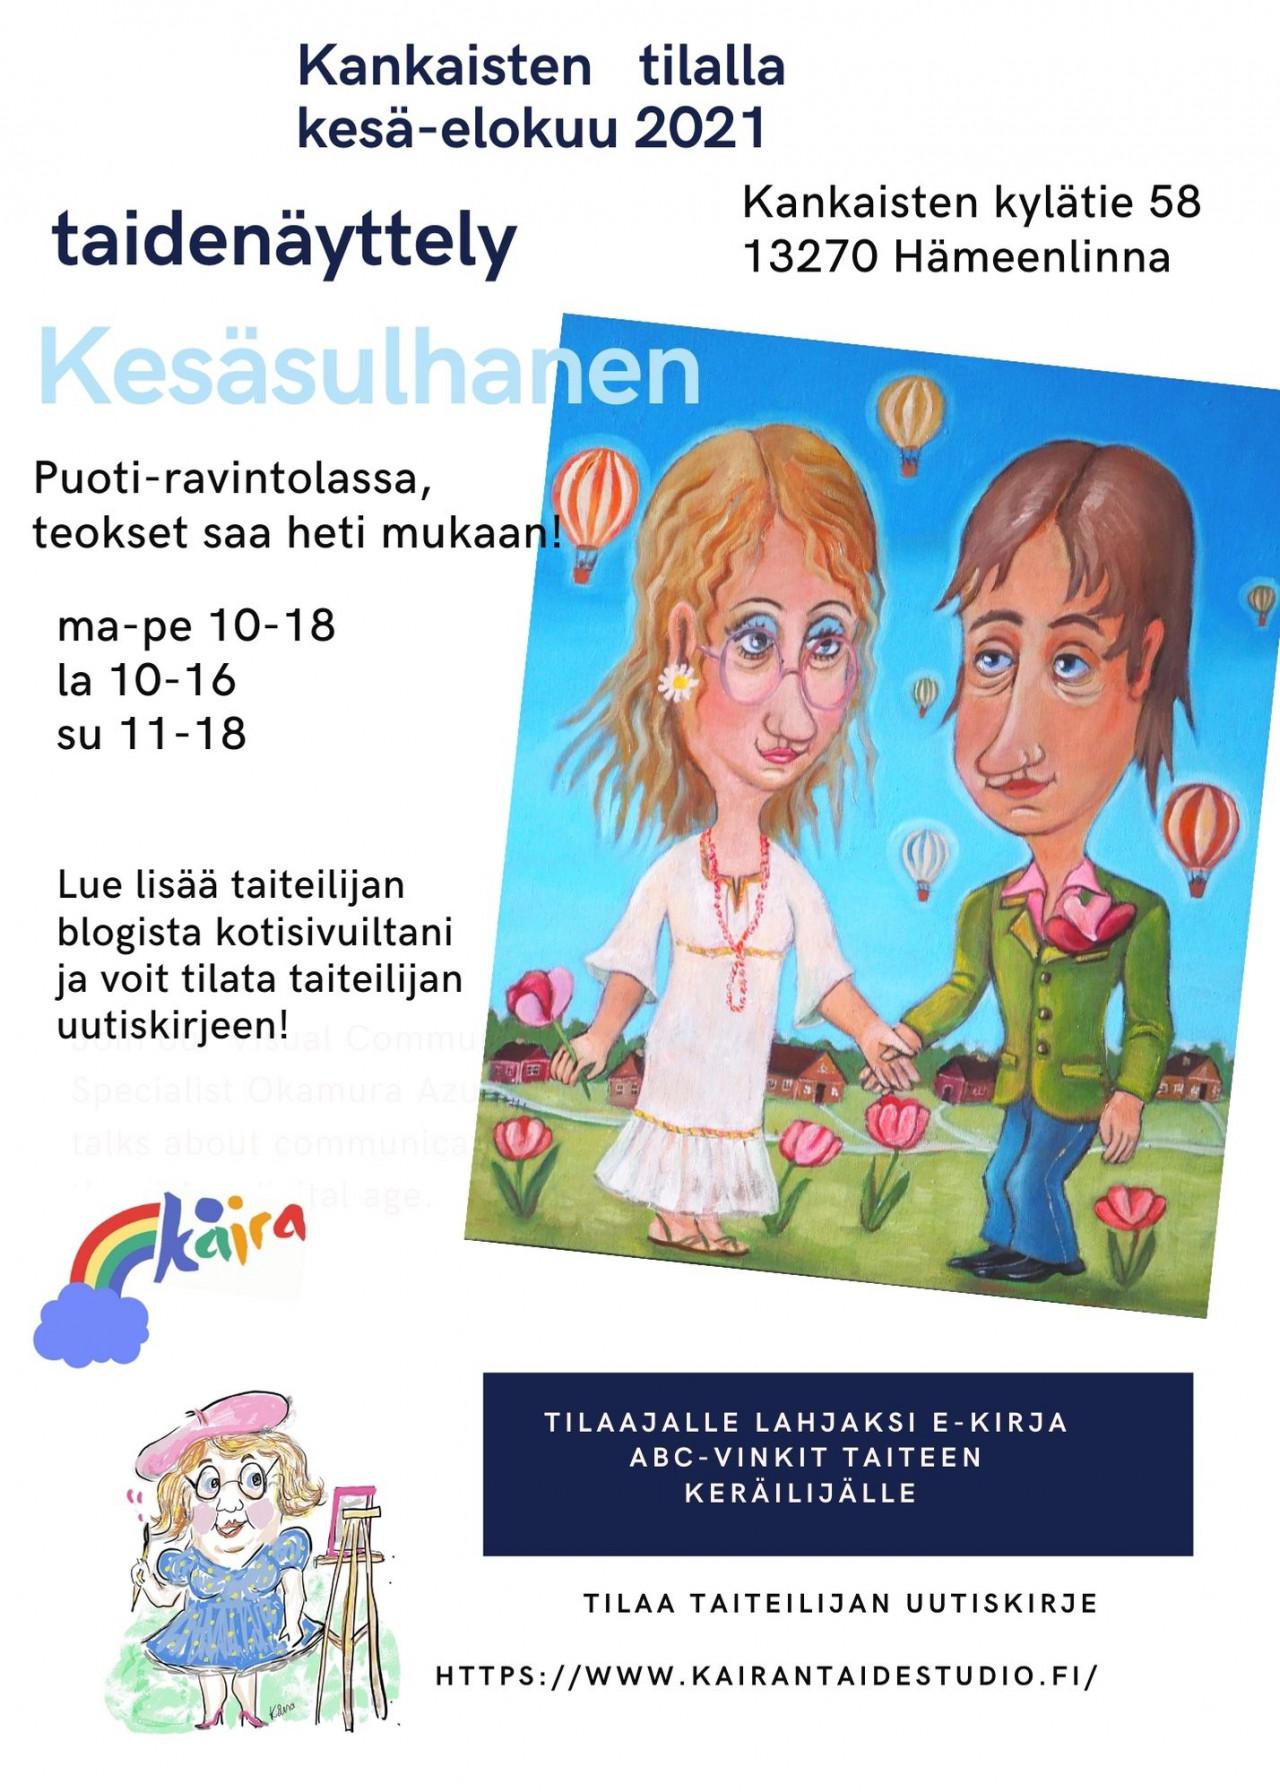 Taidenäyttely Kåira